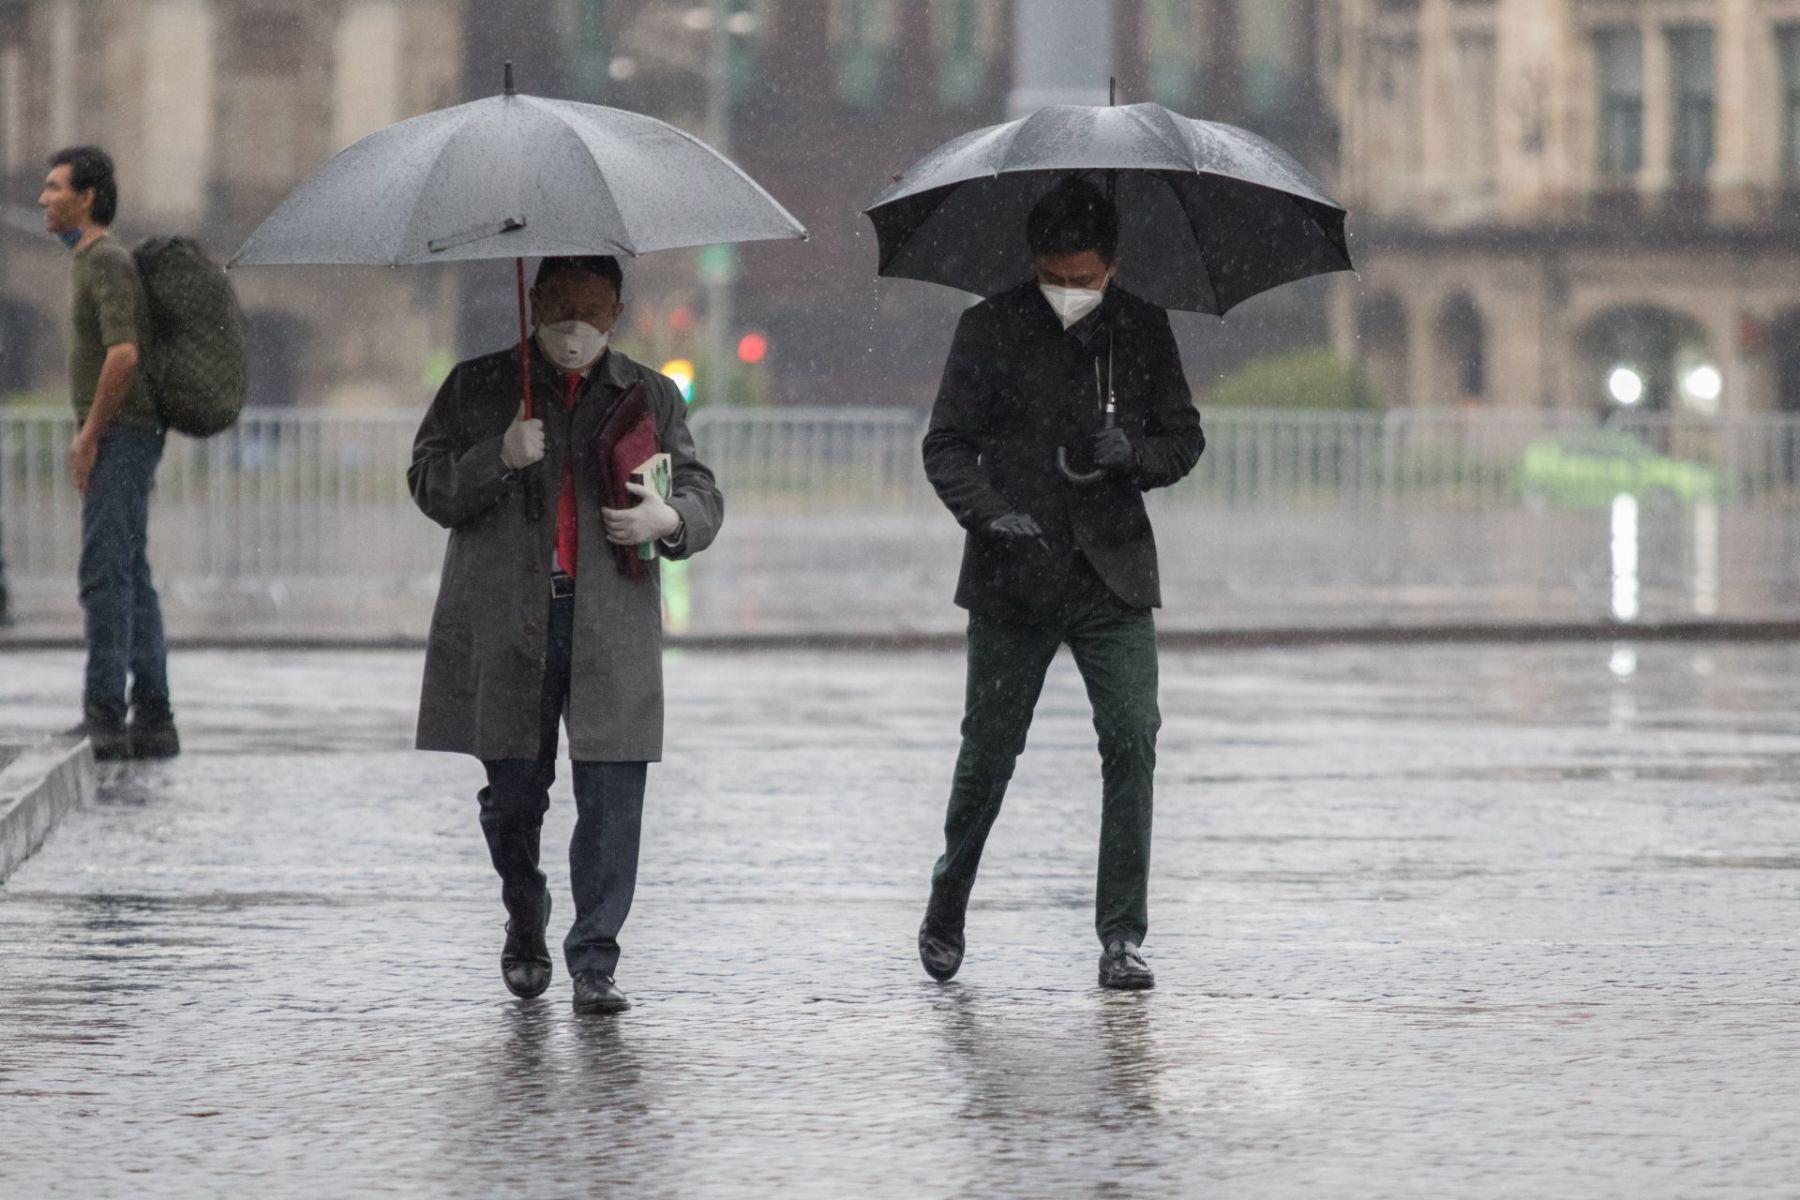 Lluvias muy fuertes, descargas eléctricas y posibles granizadas se prevén en Guerrero, Michoacán, Morelos, Oaxaca y Puebla